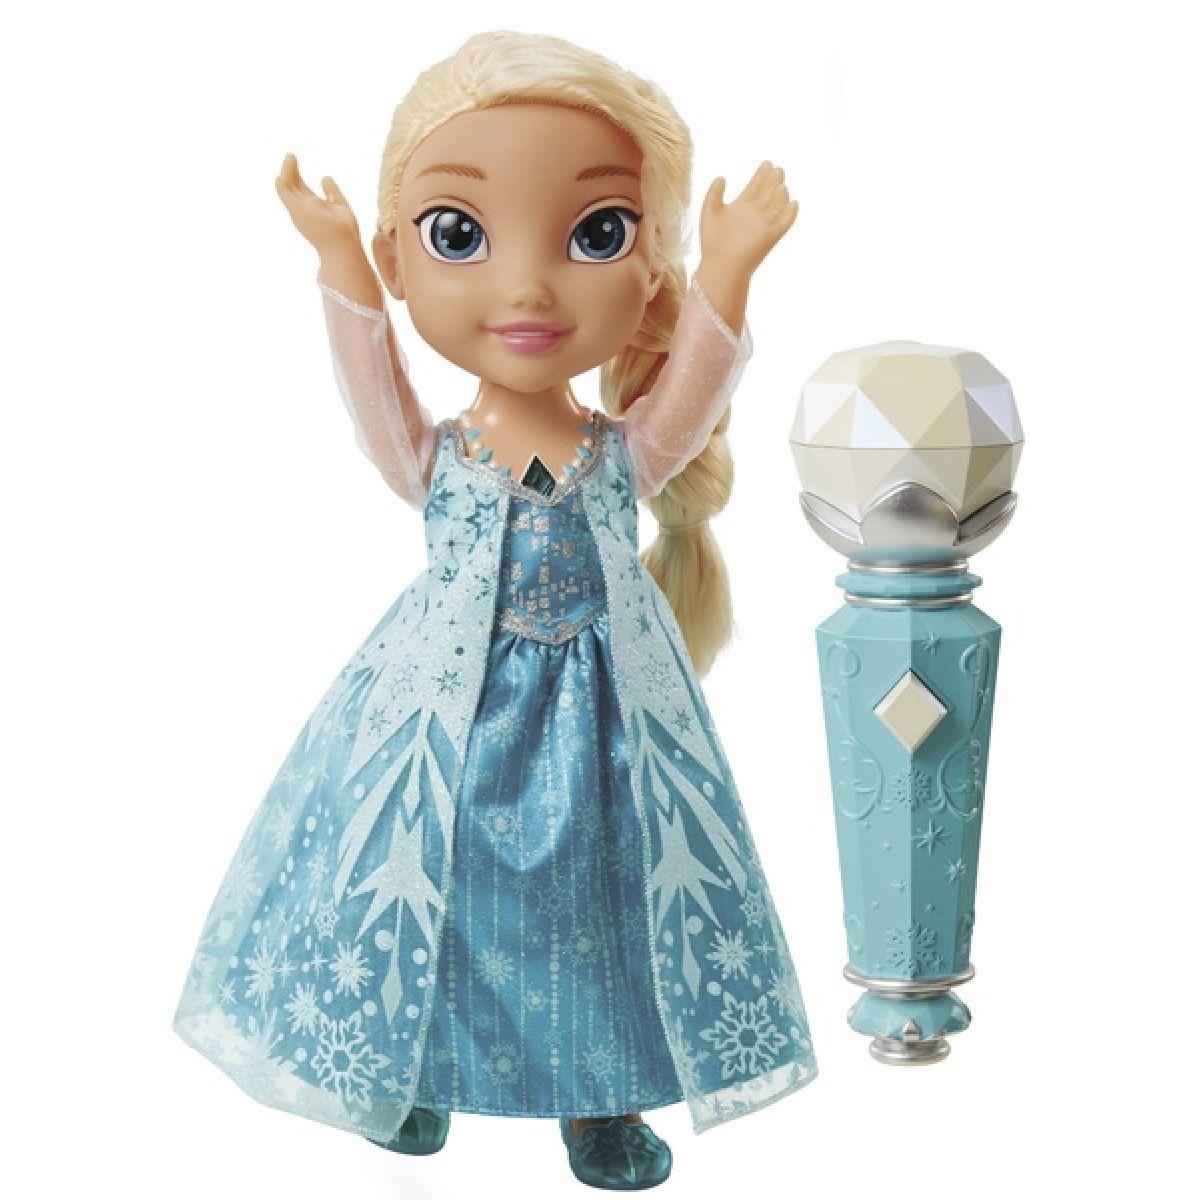 ADC Blackfire Ľadové kráľovstvo Spievajúca Elsa karaoke